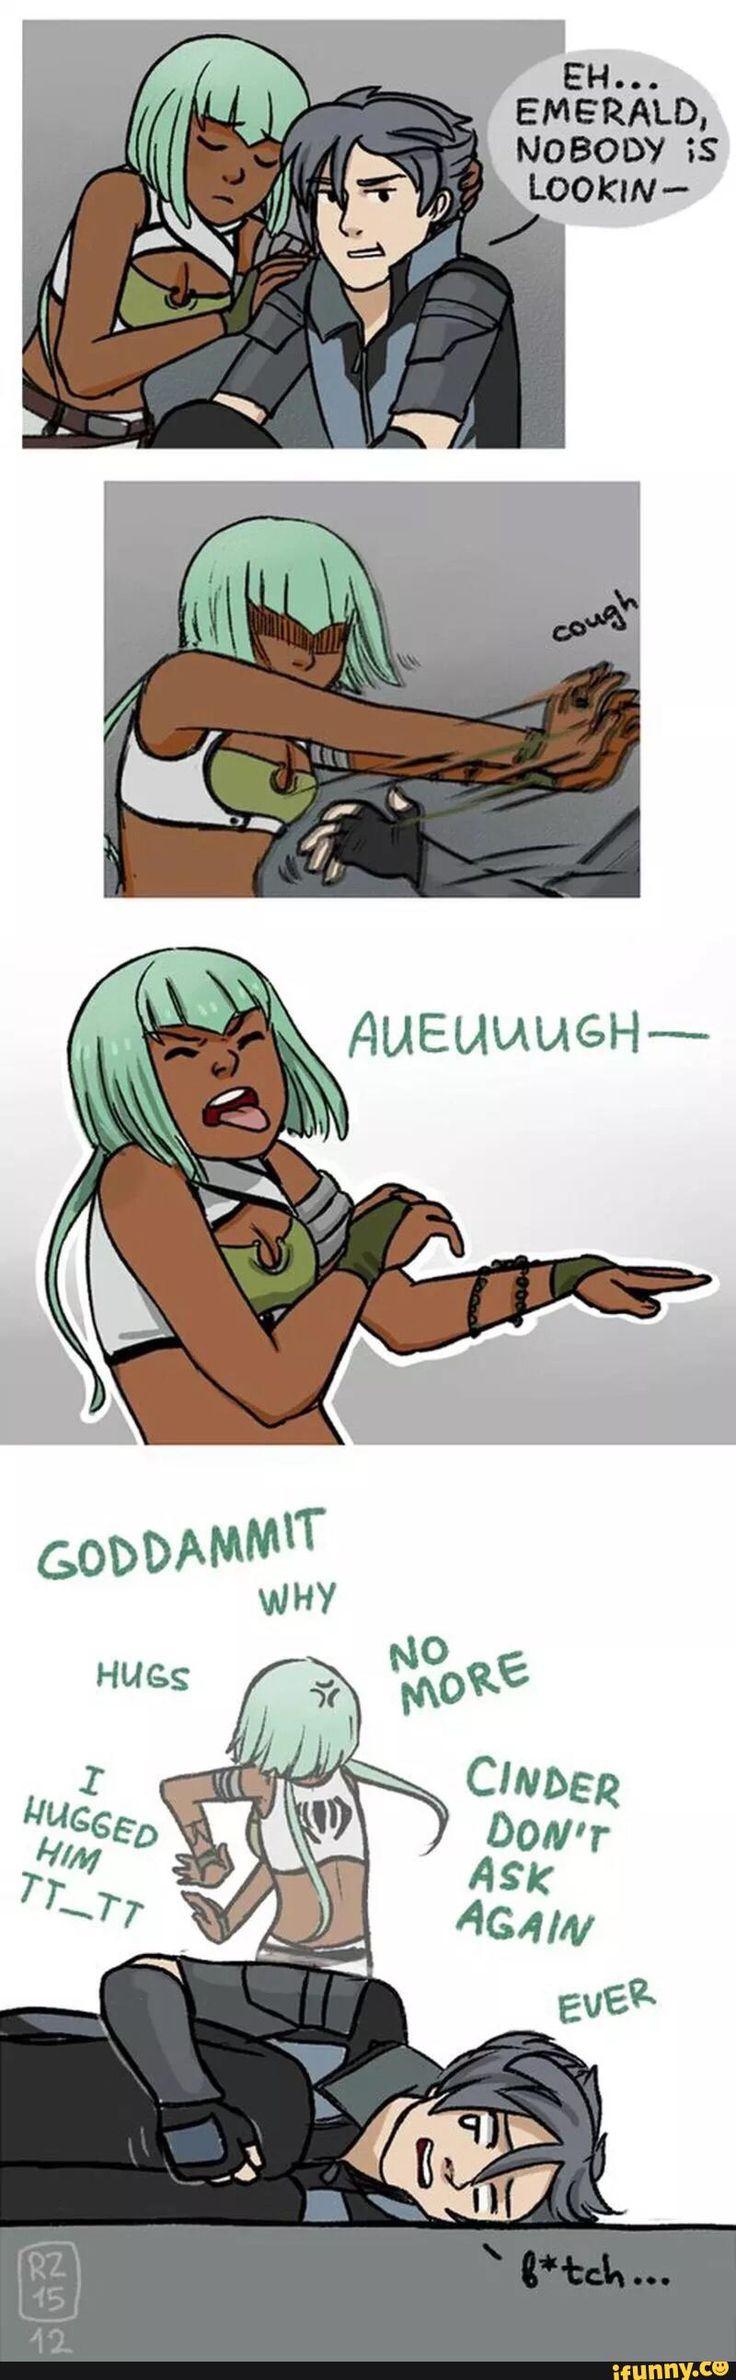 rwby, emerald, mercury